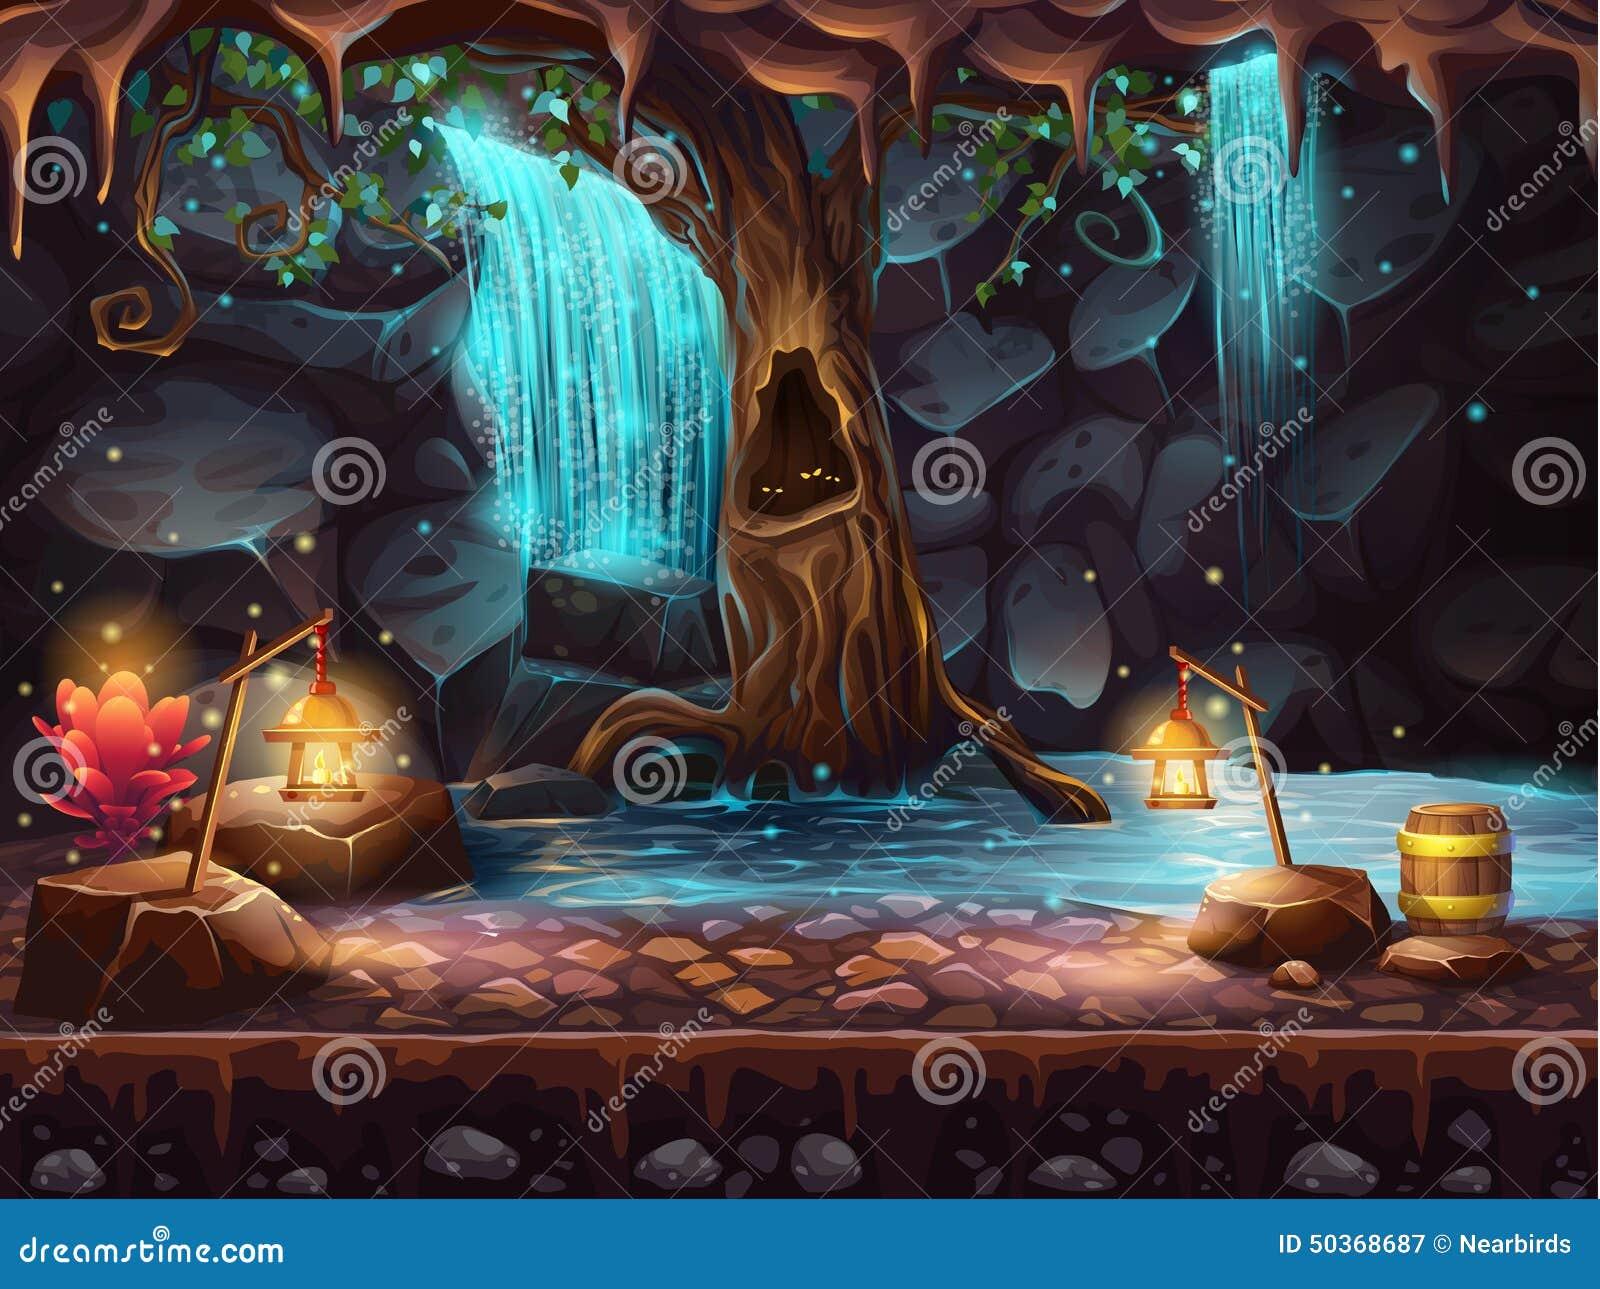 Hol met een waterval en een magische boom en vat goud